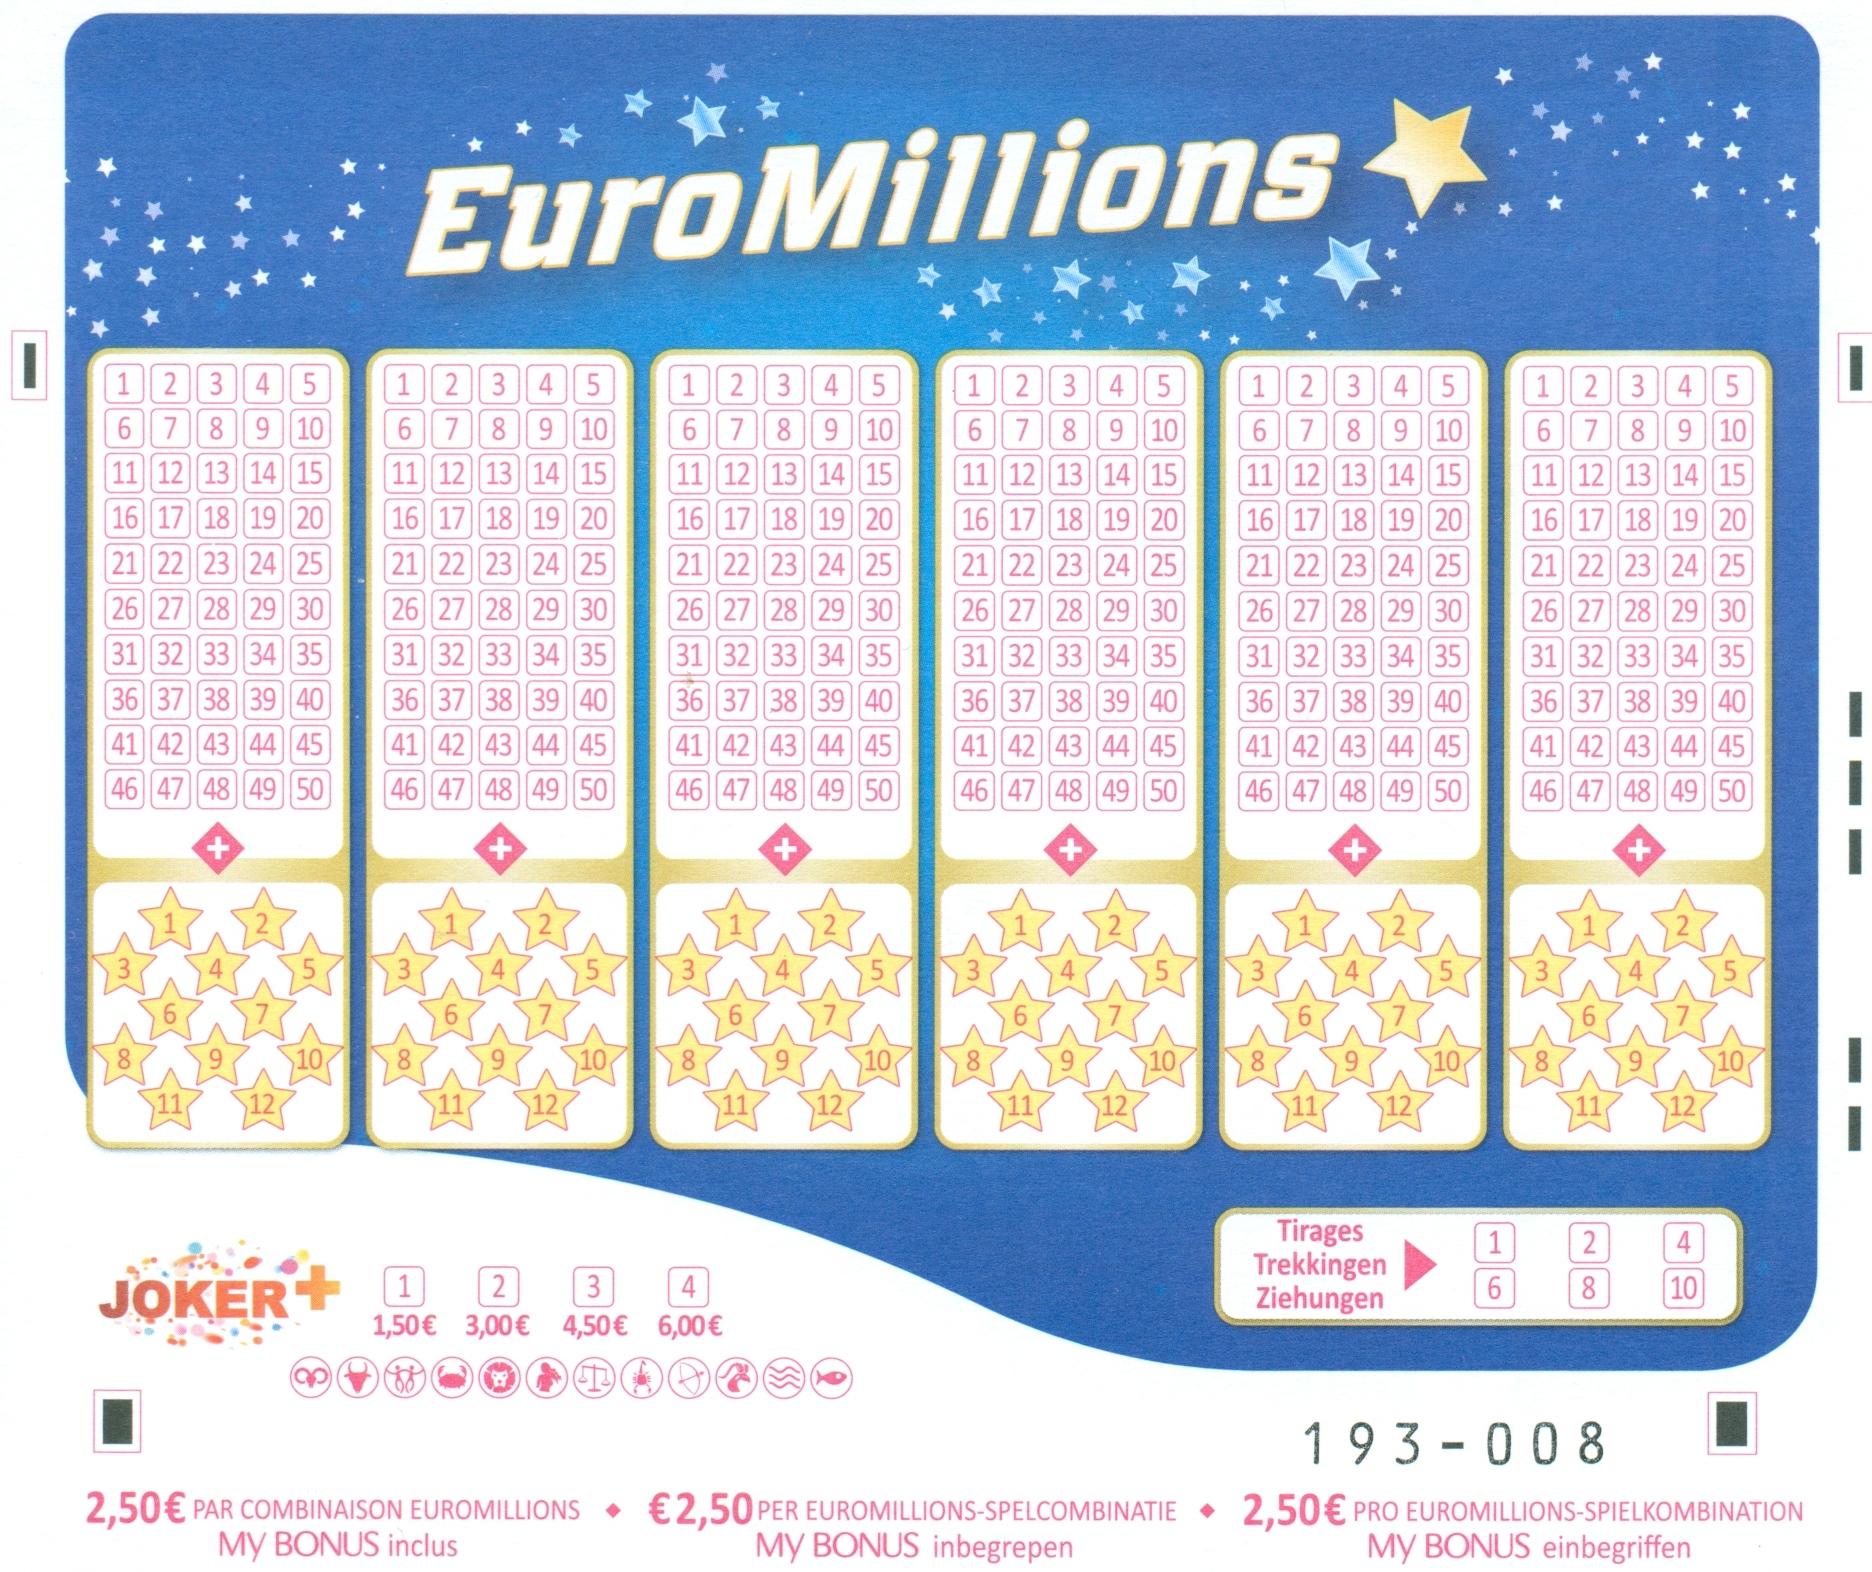 euromillions - photo #10